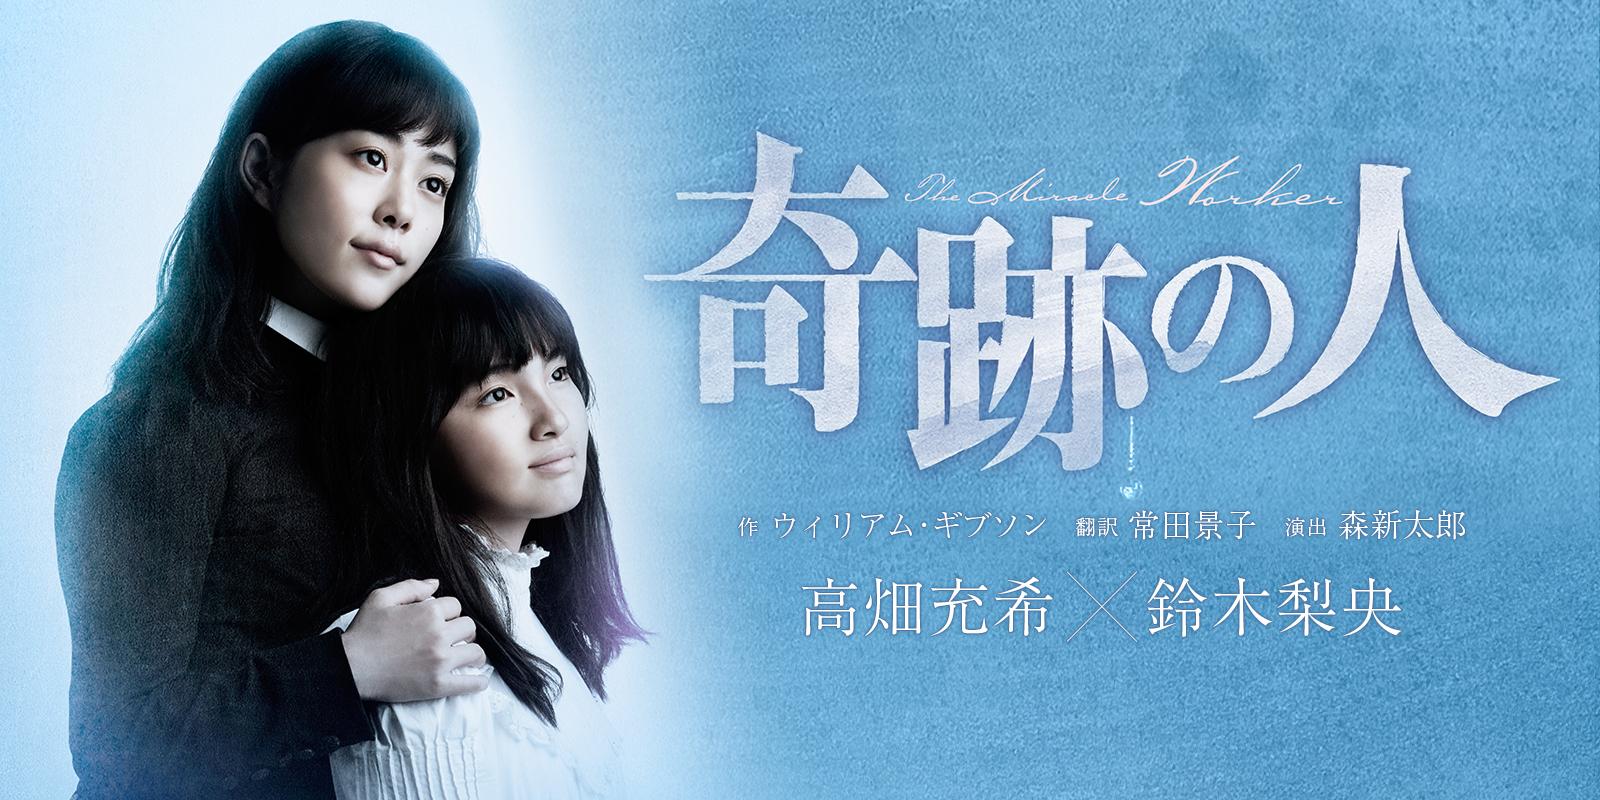 「奇跡の人」富山公演